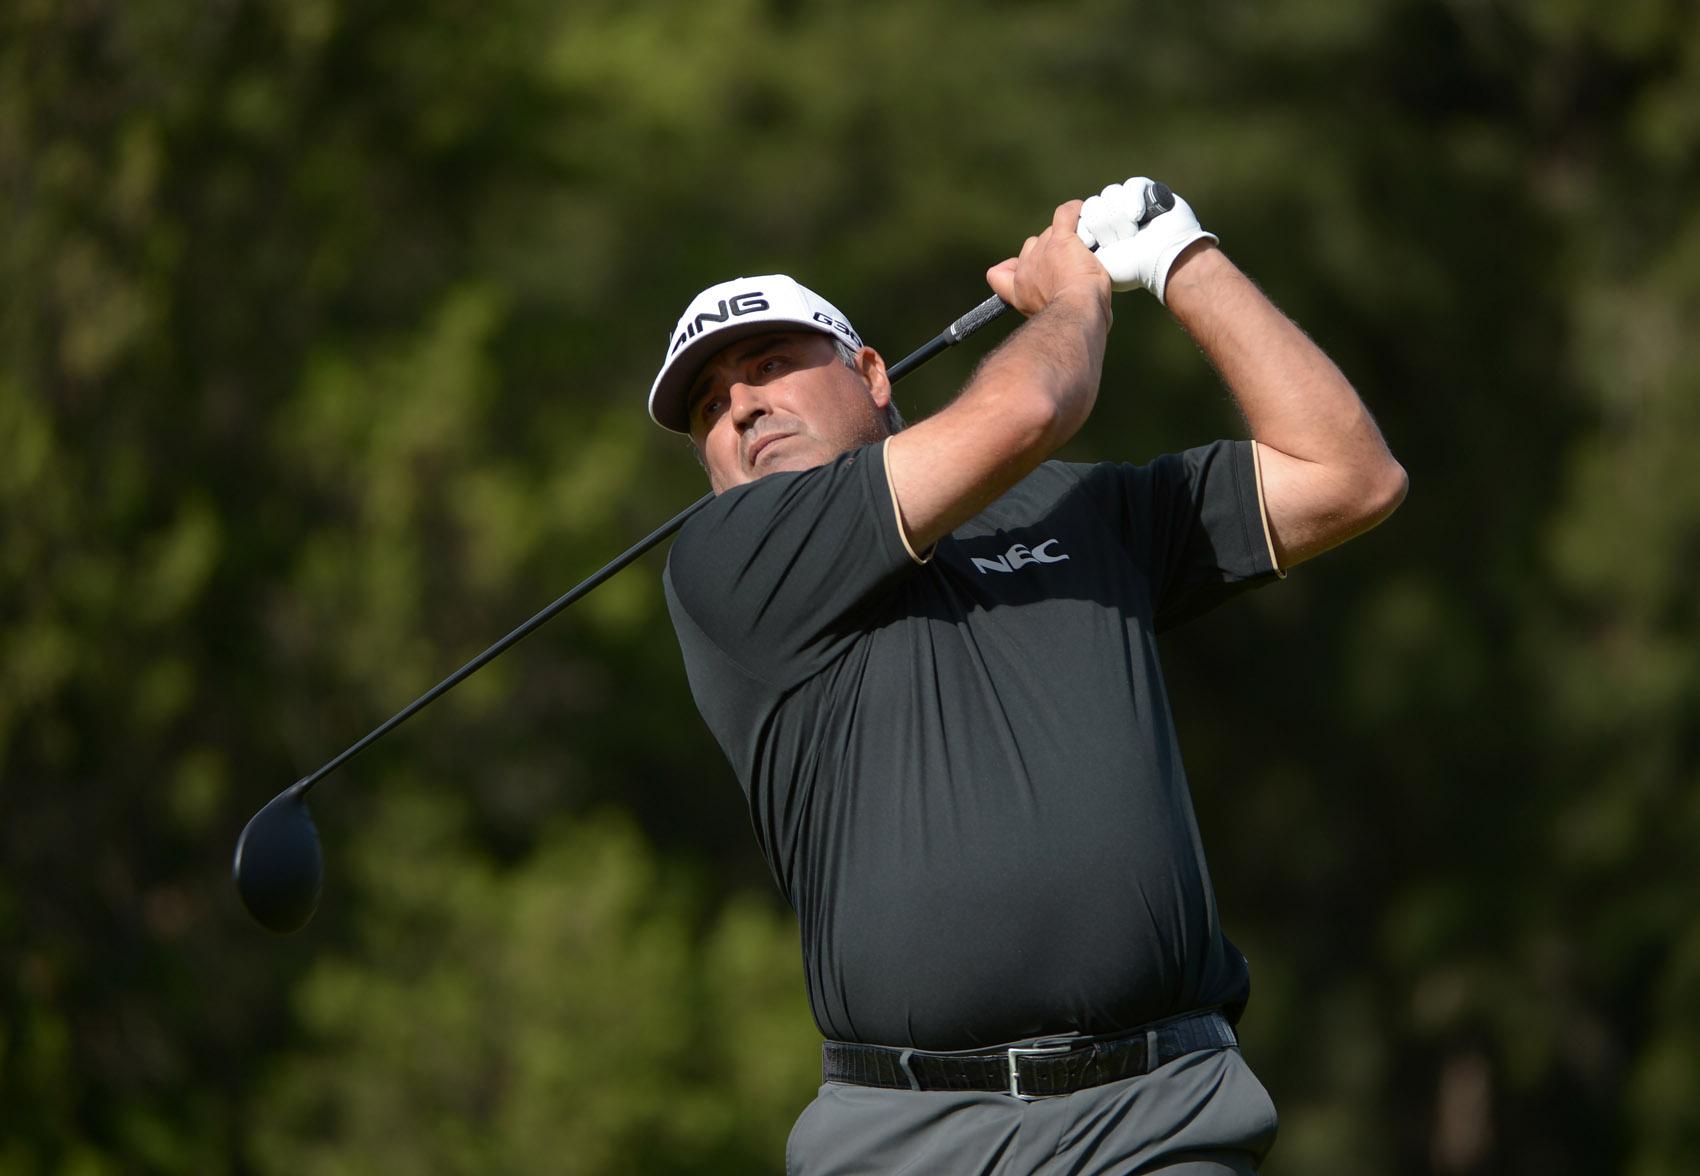 Ángel Cabrera. (Photo by Enrique Berardi/PGA TOUR)